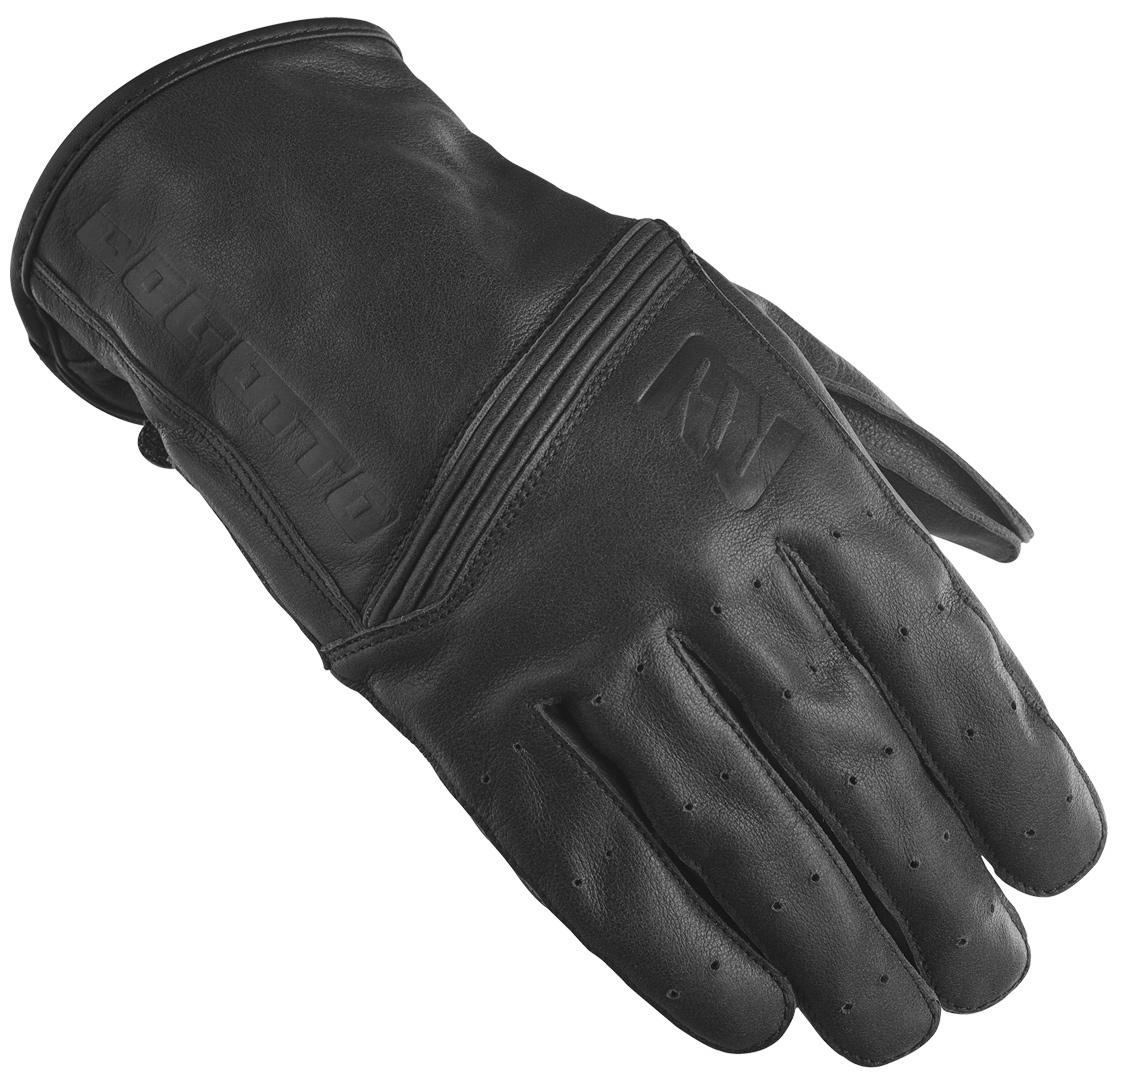 Bogotto X-Blend Motorradhandschuhe, schwarz, Größe 2XL, schwarz, Größe 2XL